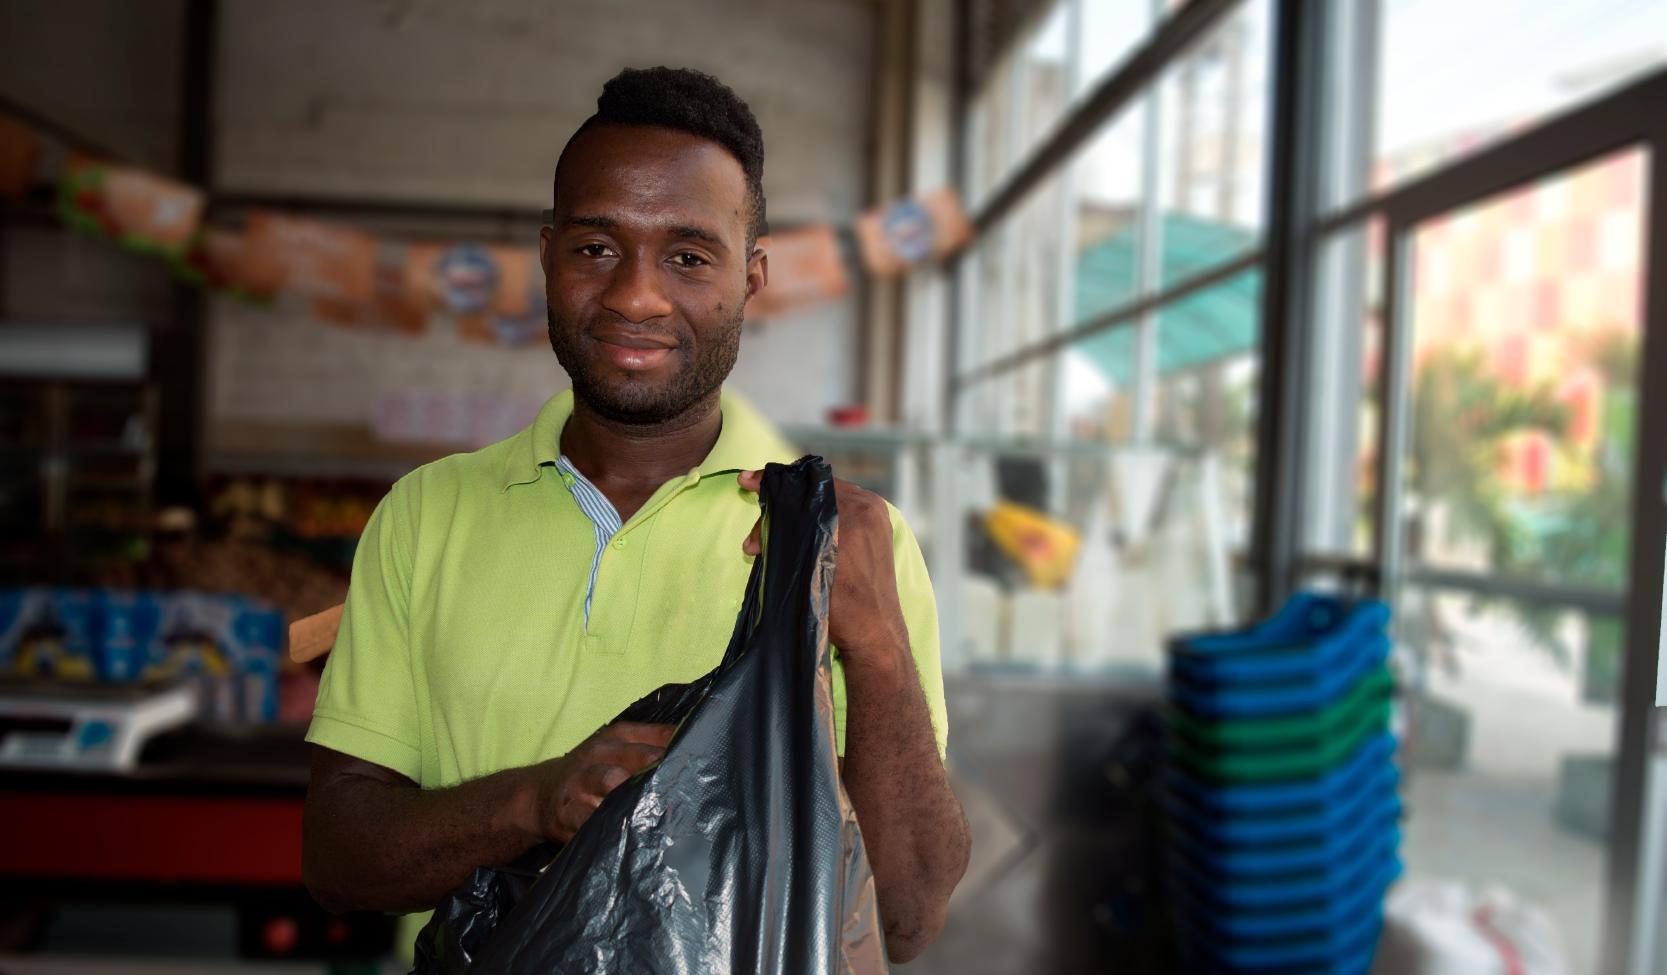 Juventud sin oportunidades: 86% de los jóvenes urbanos de estratos 1 y 2 enfrentan precariedad laboral